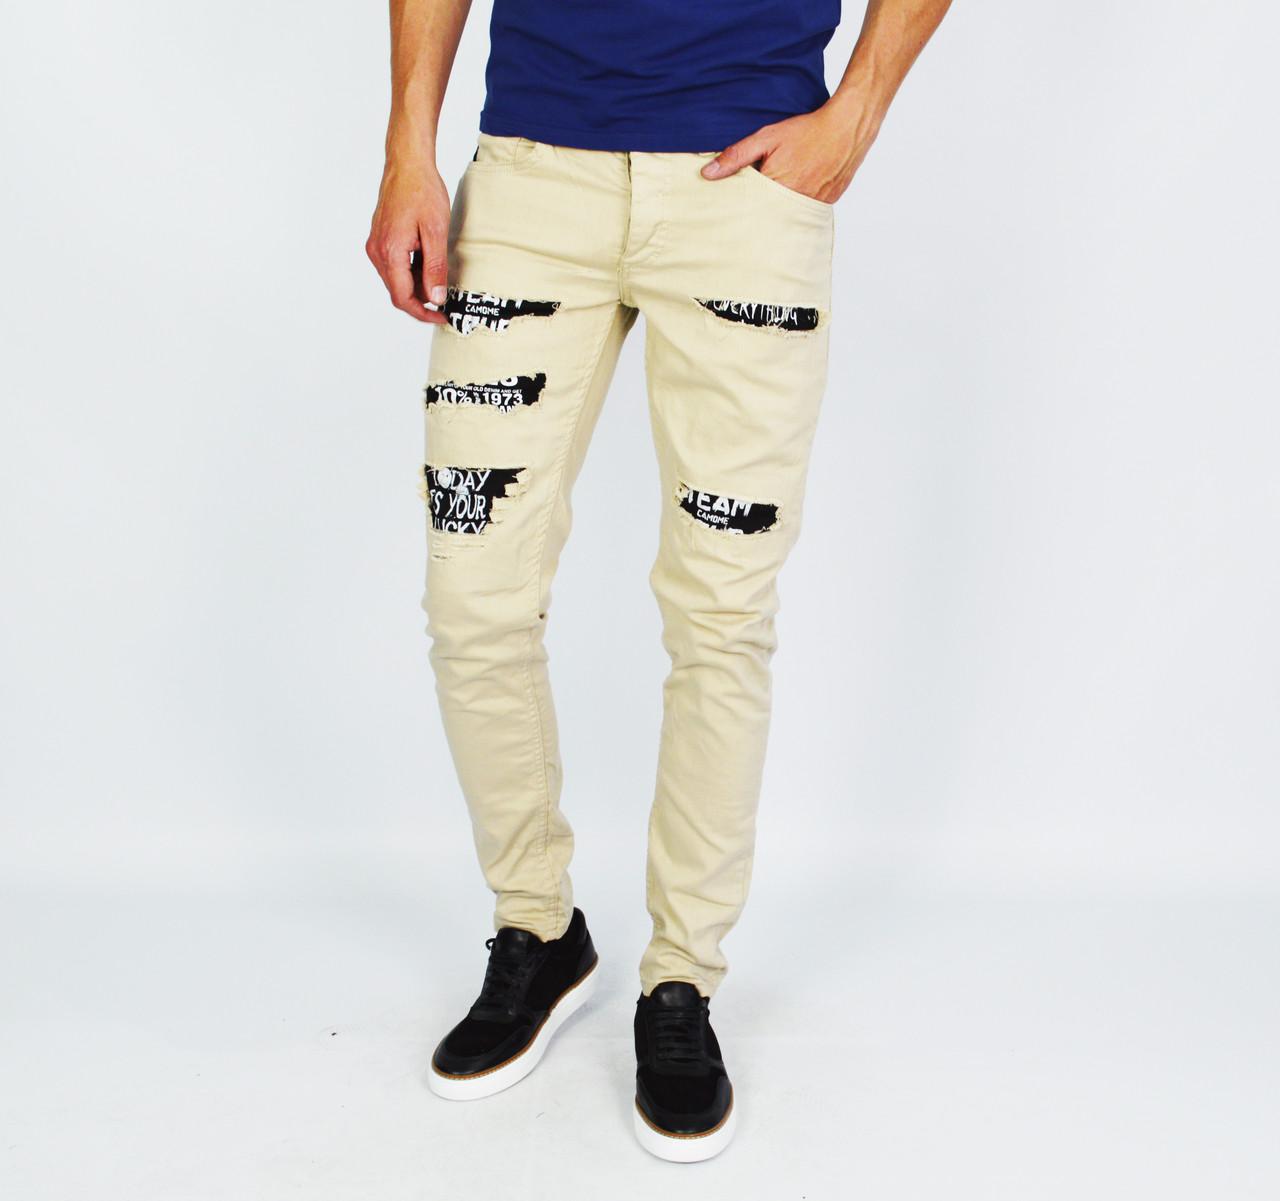 Бежевые мужские рваные джинсы зауженные MARIO MORATO с надписями